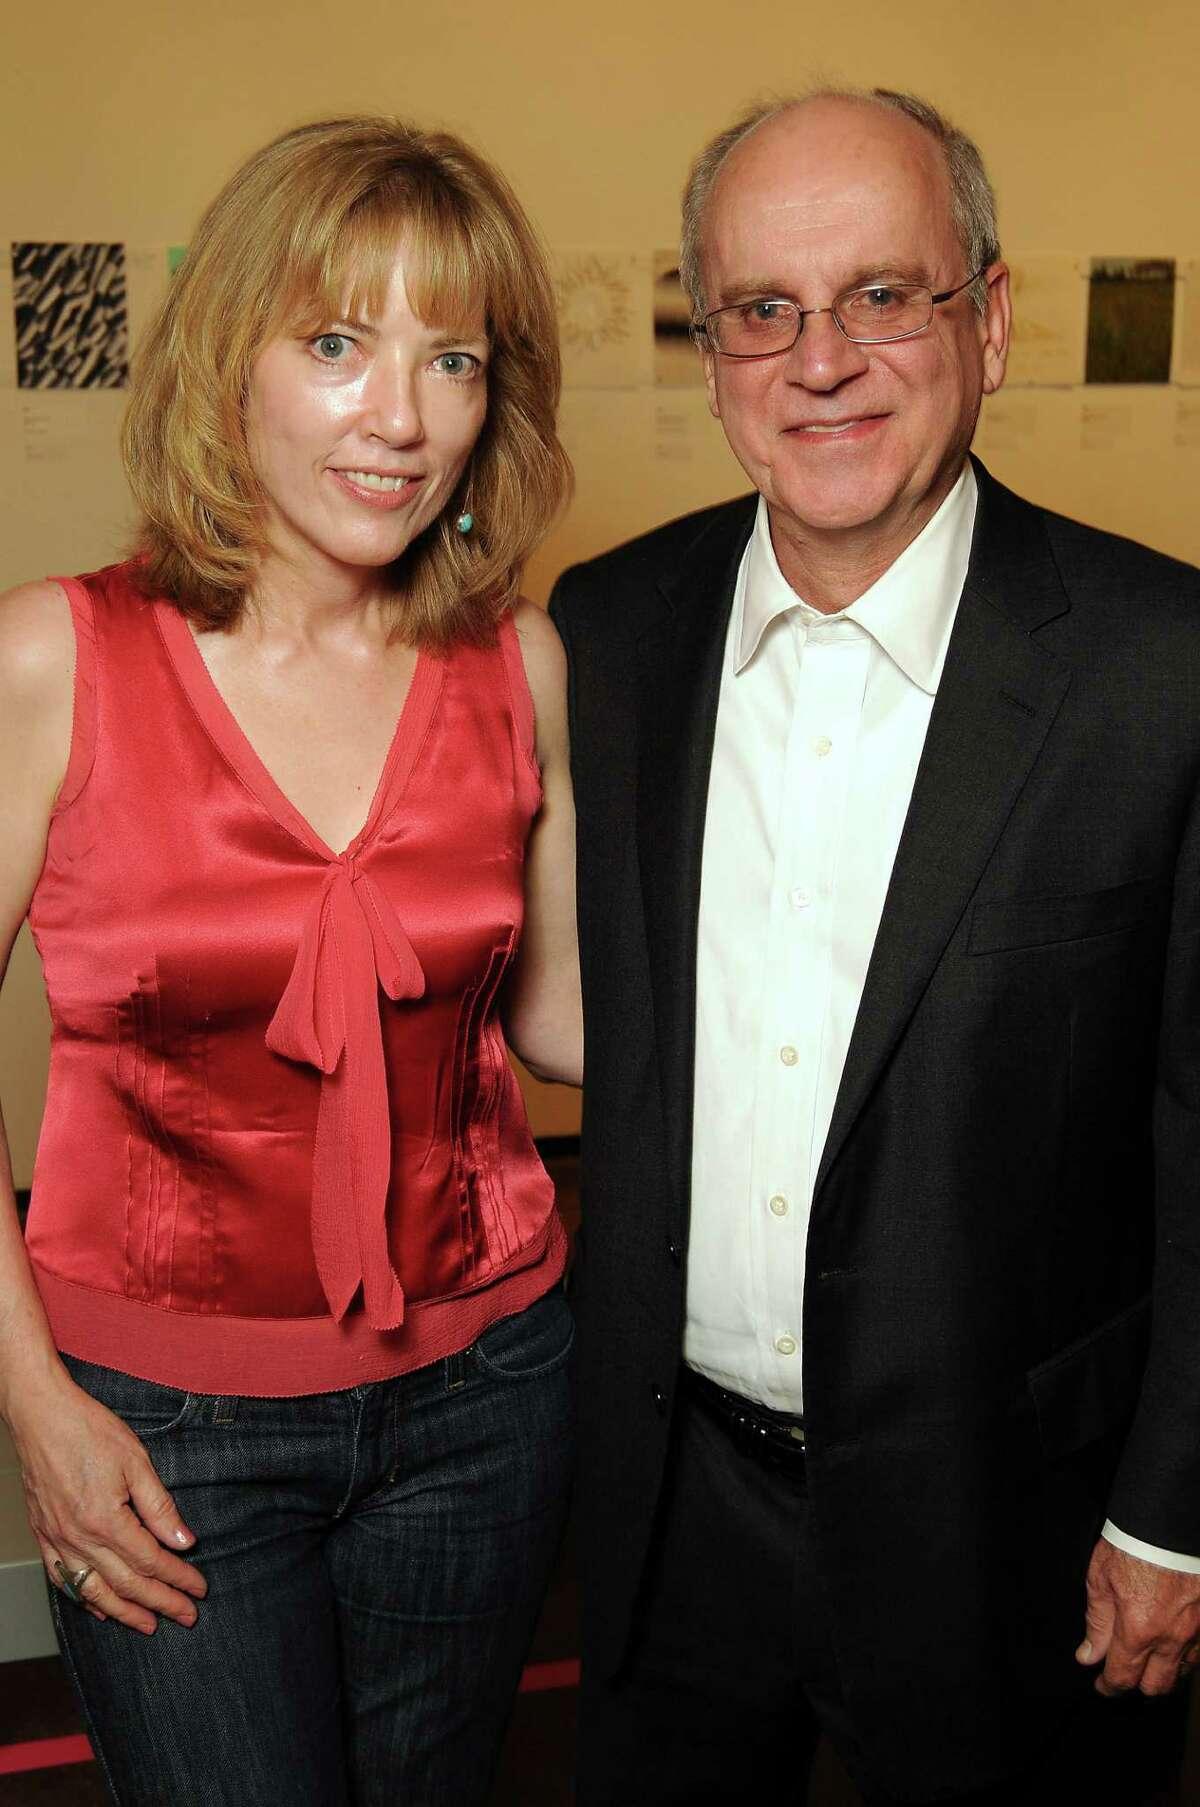 Kellye Sanford and Fritz Lanham